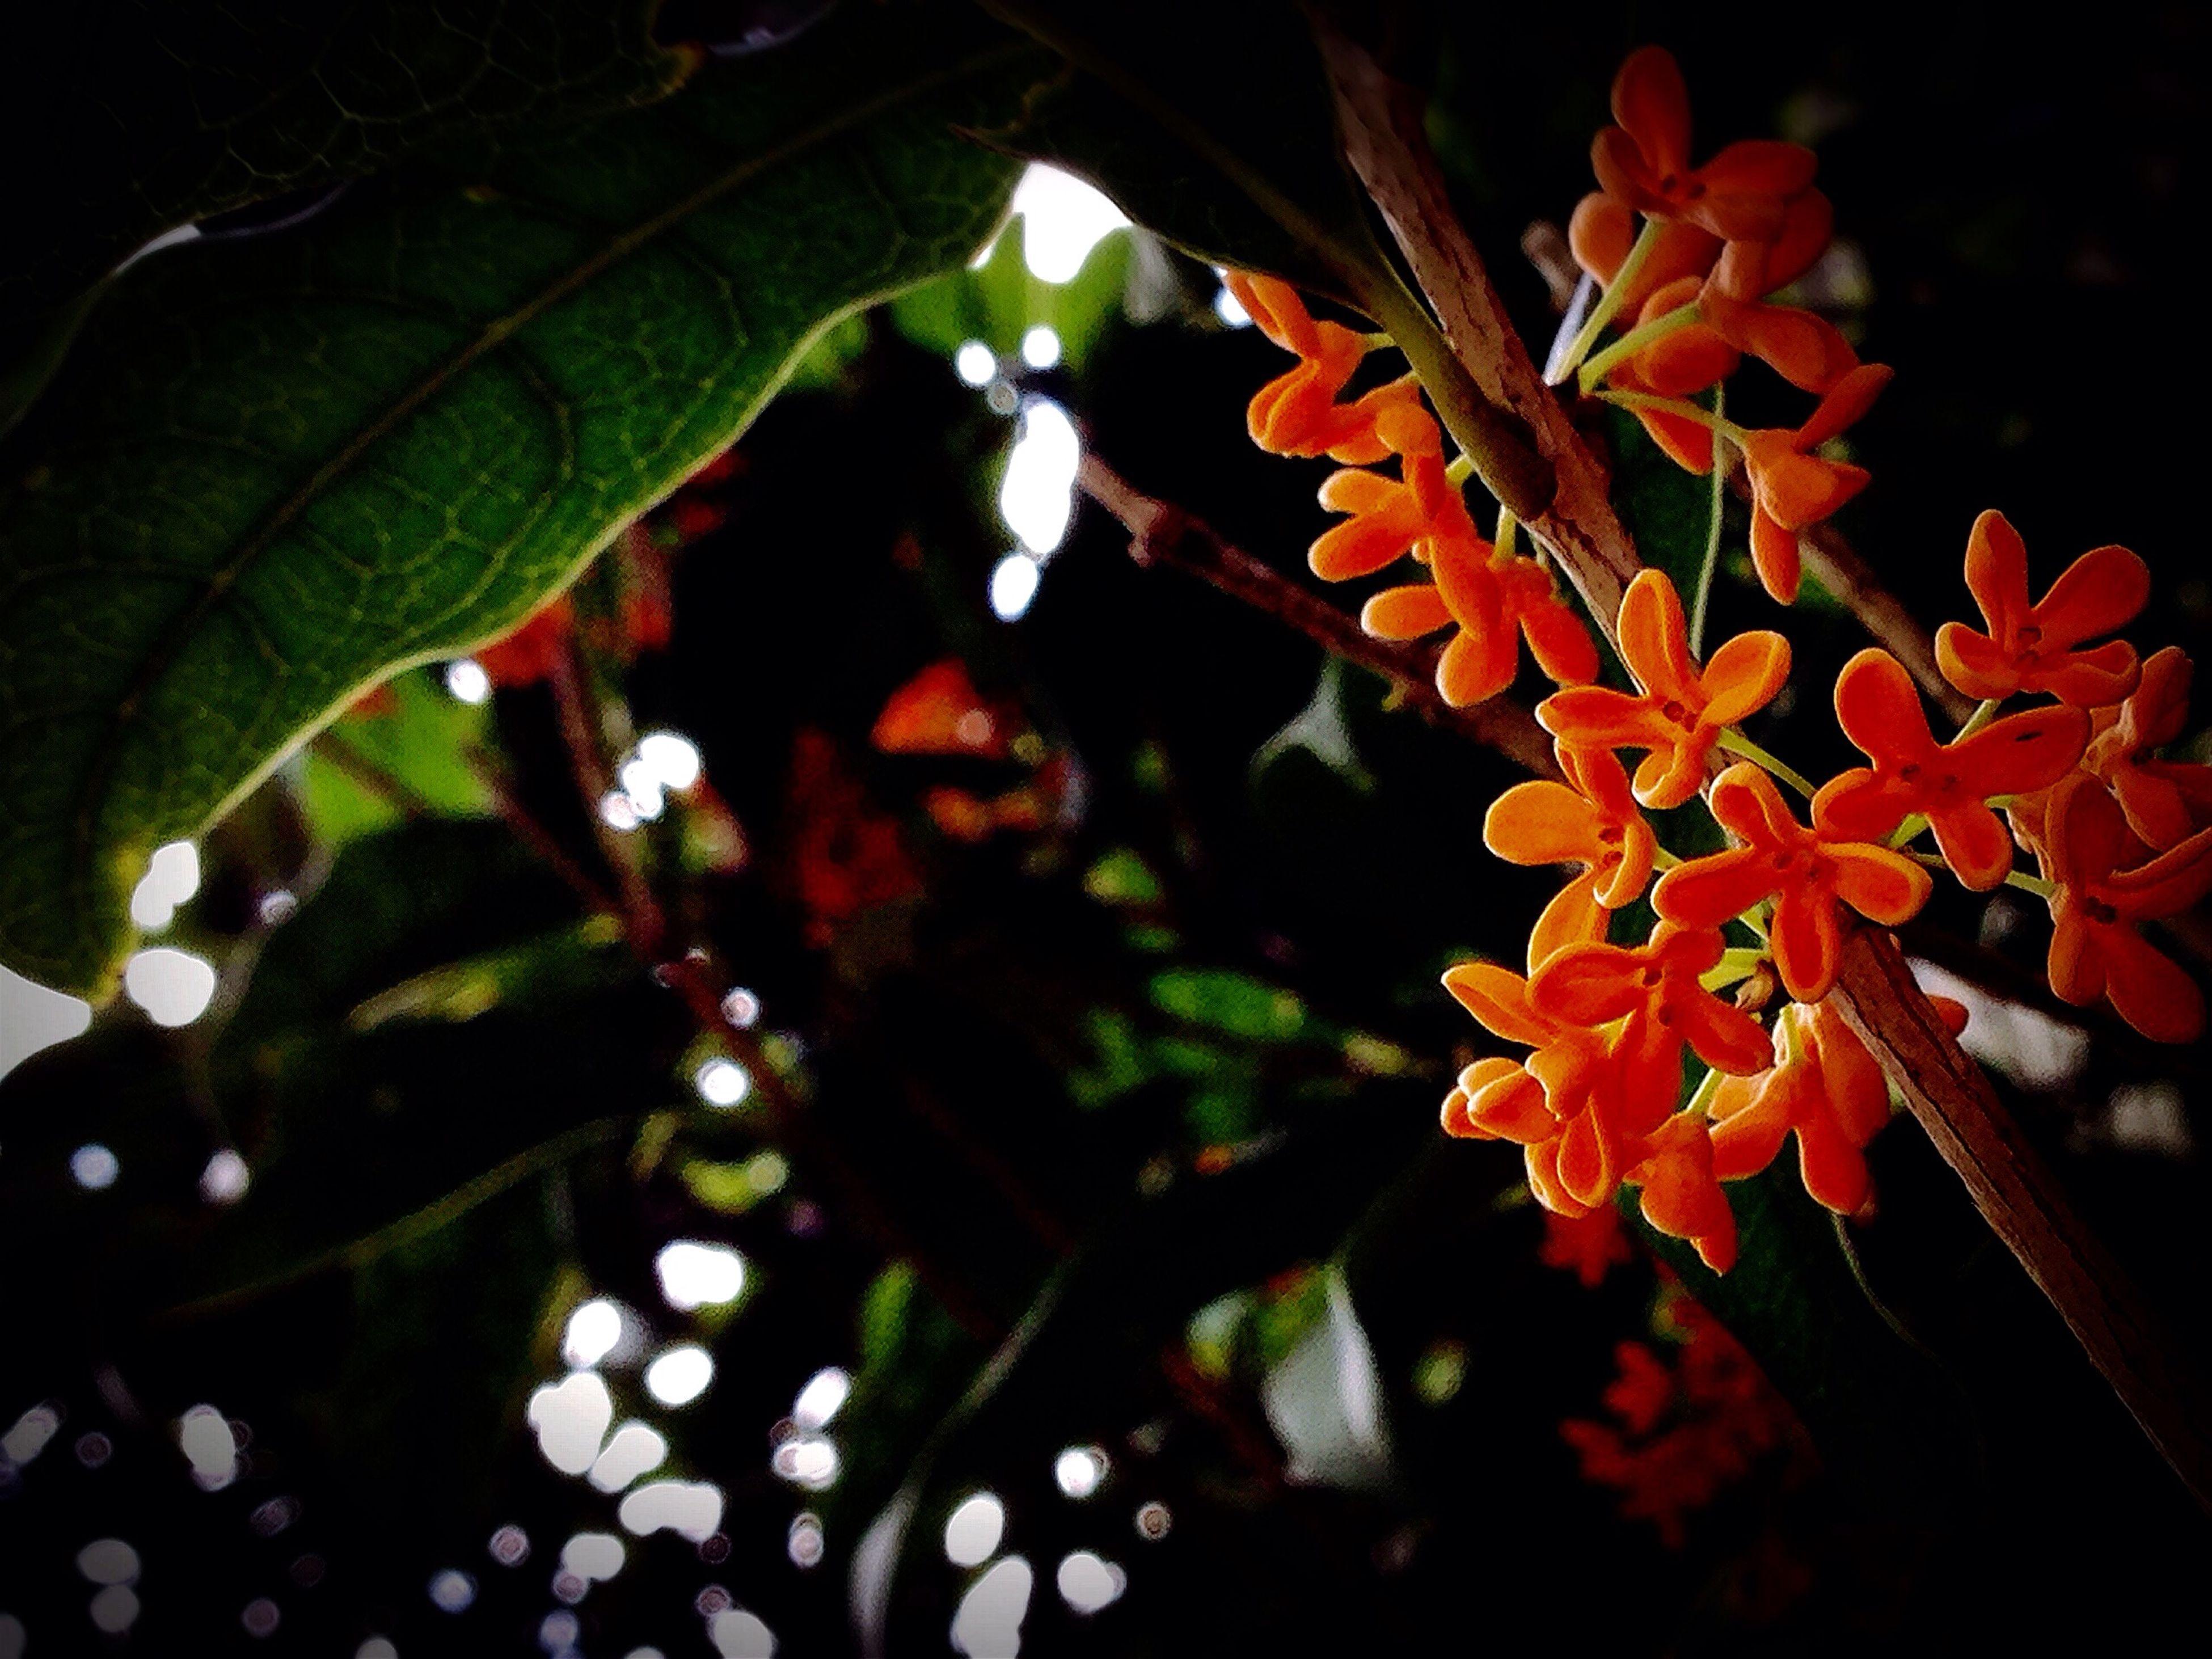 キンモクセイ Osmanthus Fragrans Autumn Fragrance 秋の 香り